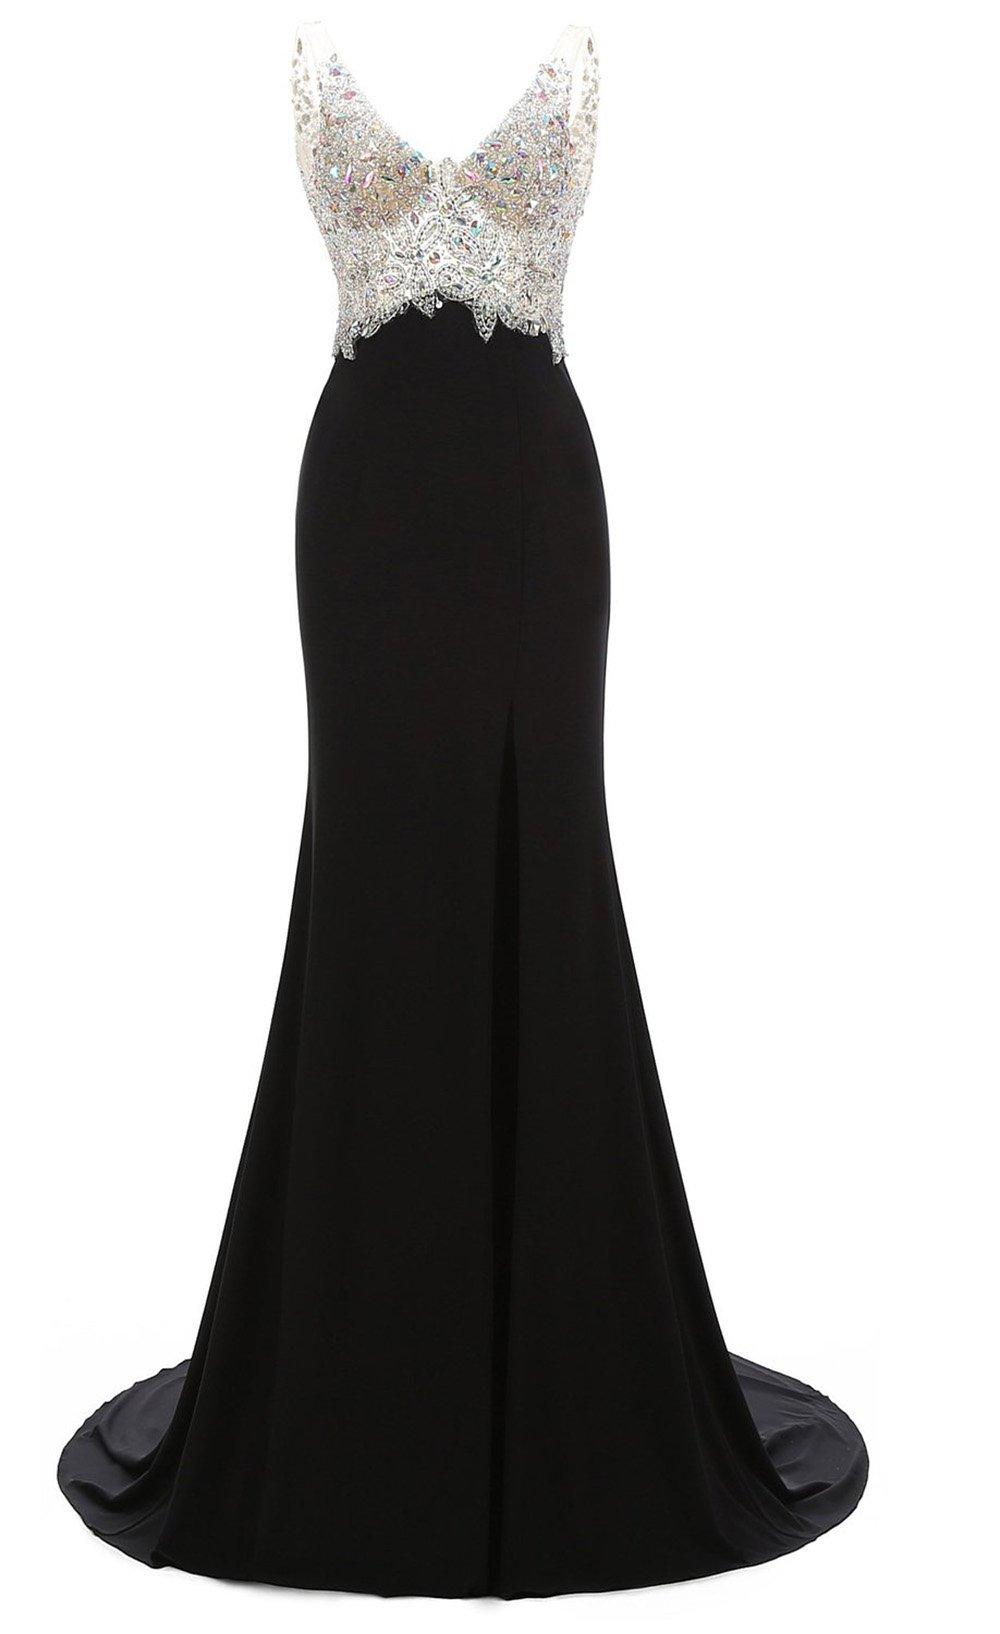 Manfei Women's V-Neck Crystal Beaded Mermaid Black Long Prom Dress Slit Side Size 6